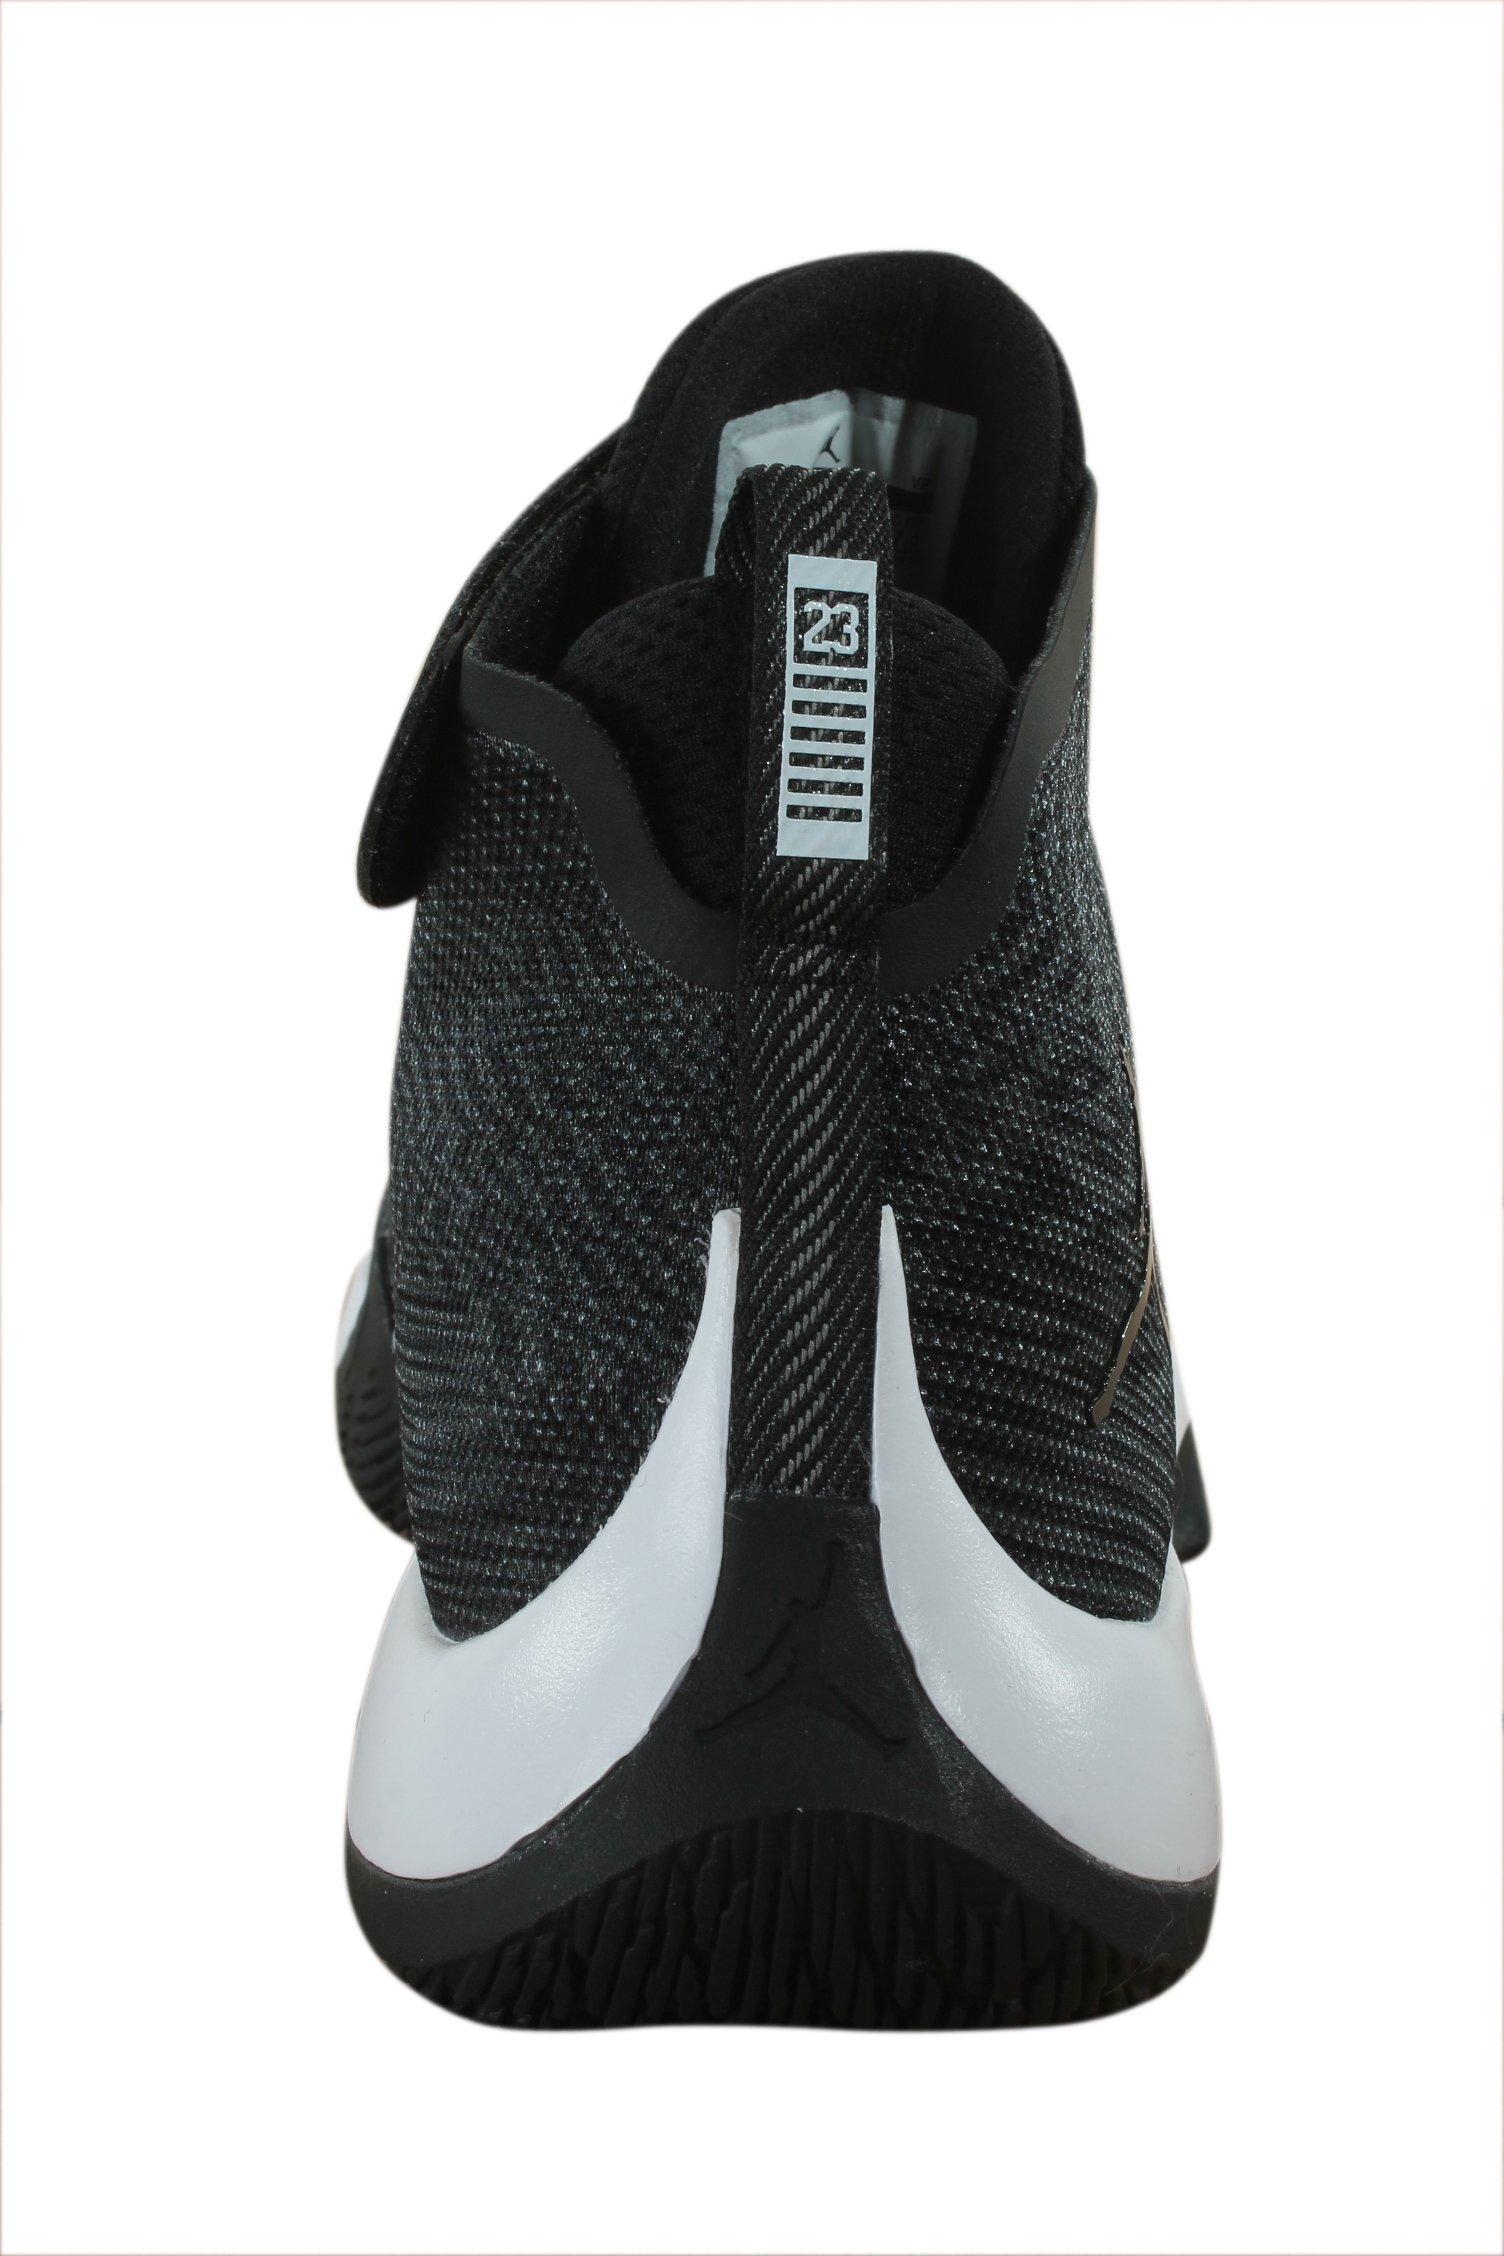 nike aa1282-010: hommes et # 39; s la voler jordanie voler la unlimited chaussure de basket noir c32283